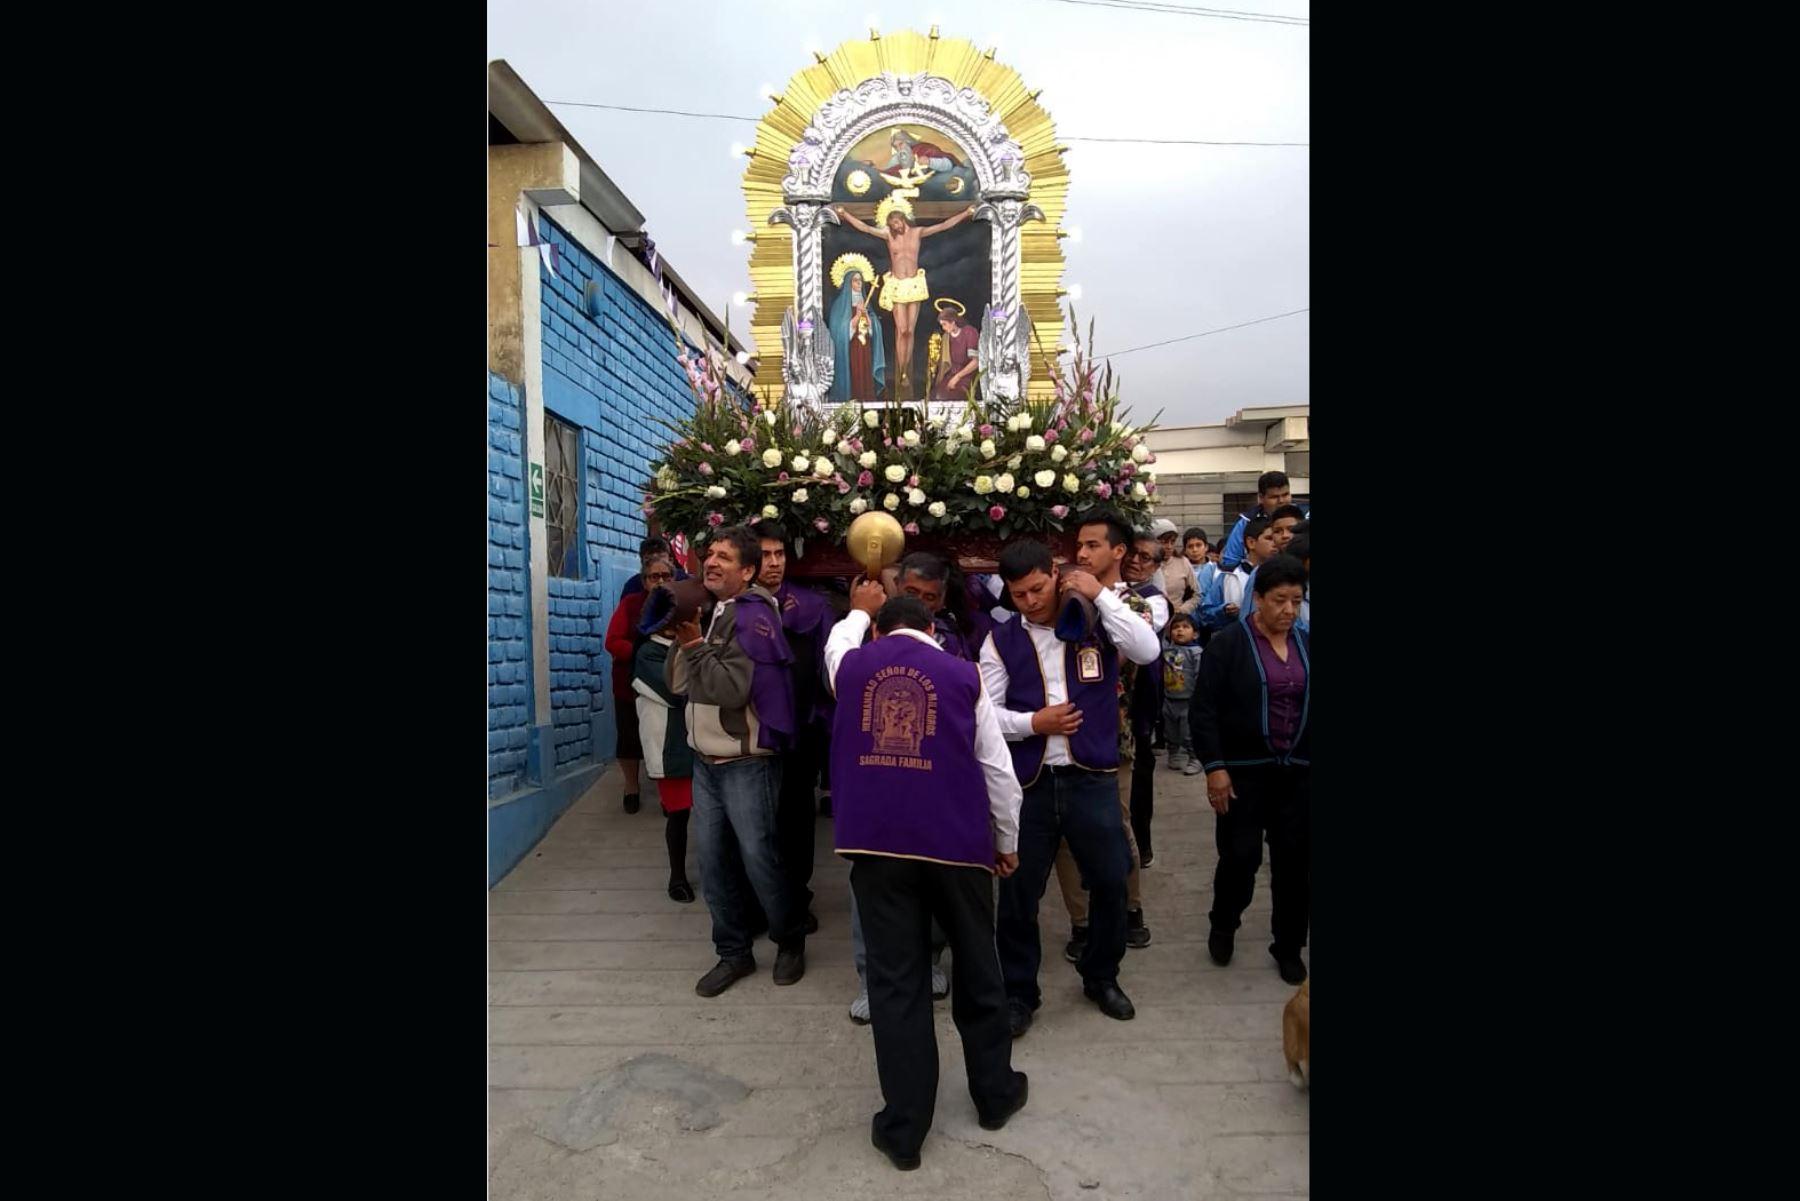 El Señor de los Milagros saldrá en procesión este sábado 26 de octubre en el distrito trujillano de La Esperanza para derramar sus bendiciones. Foto: ANDINA/Luis Puell